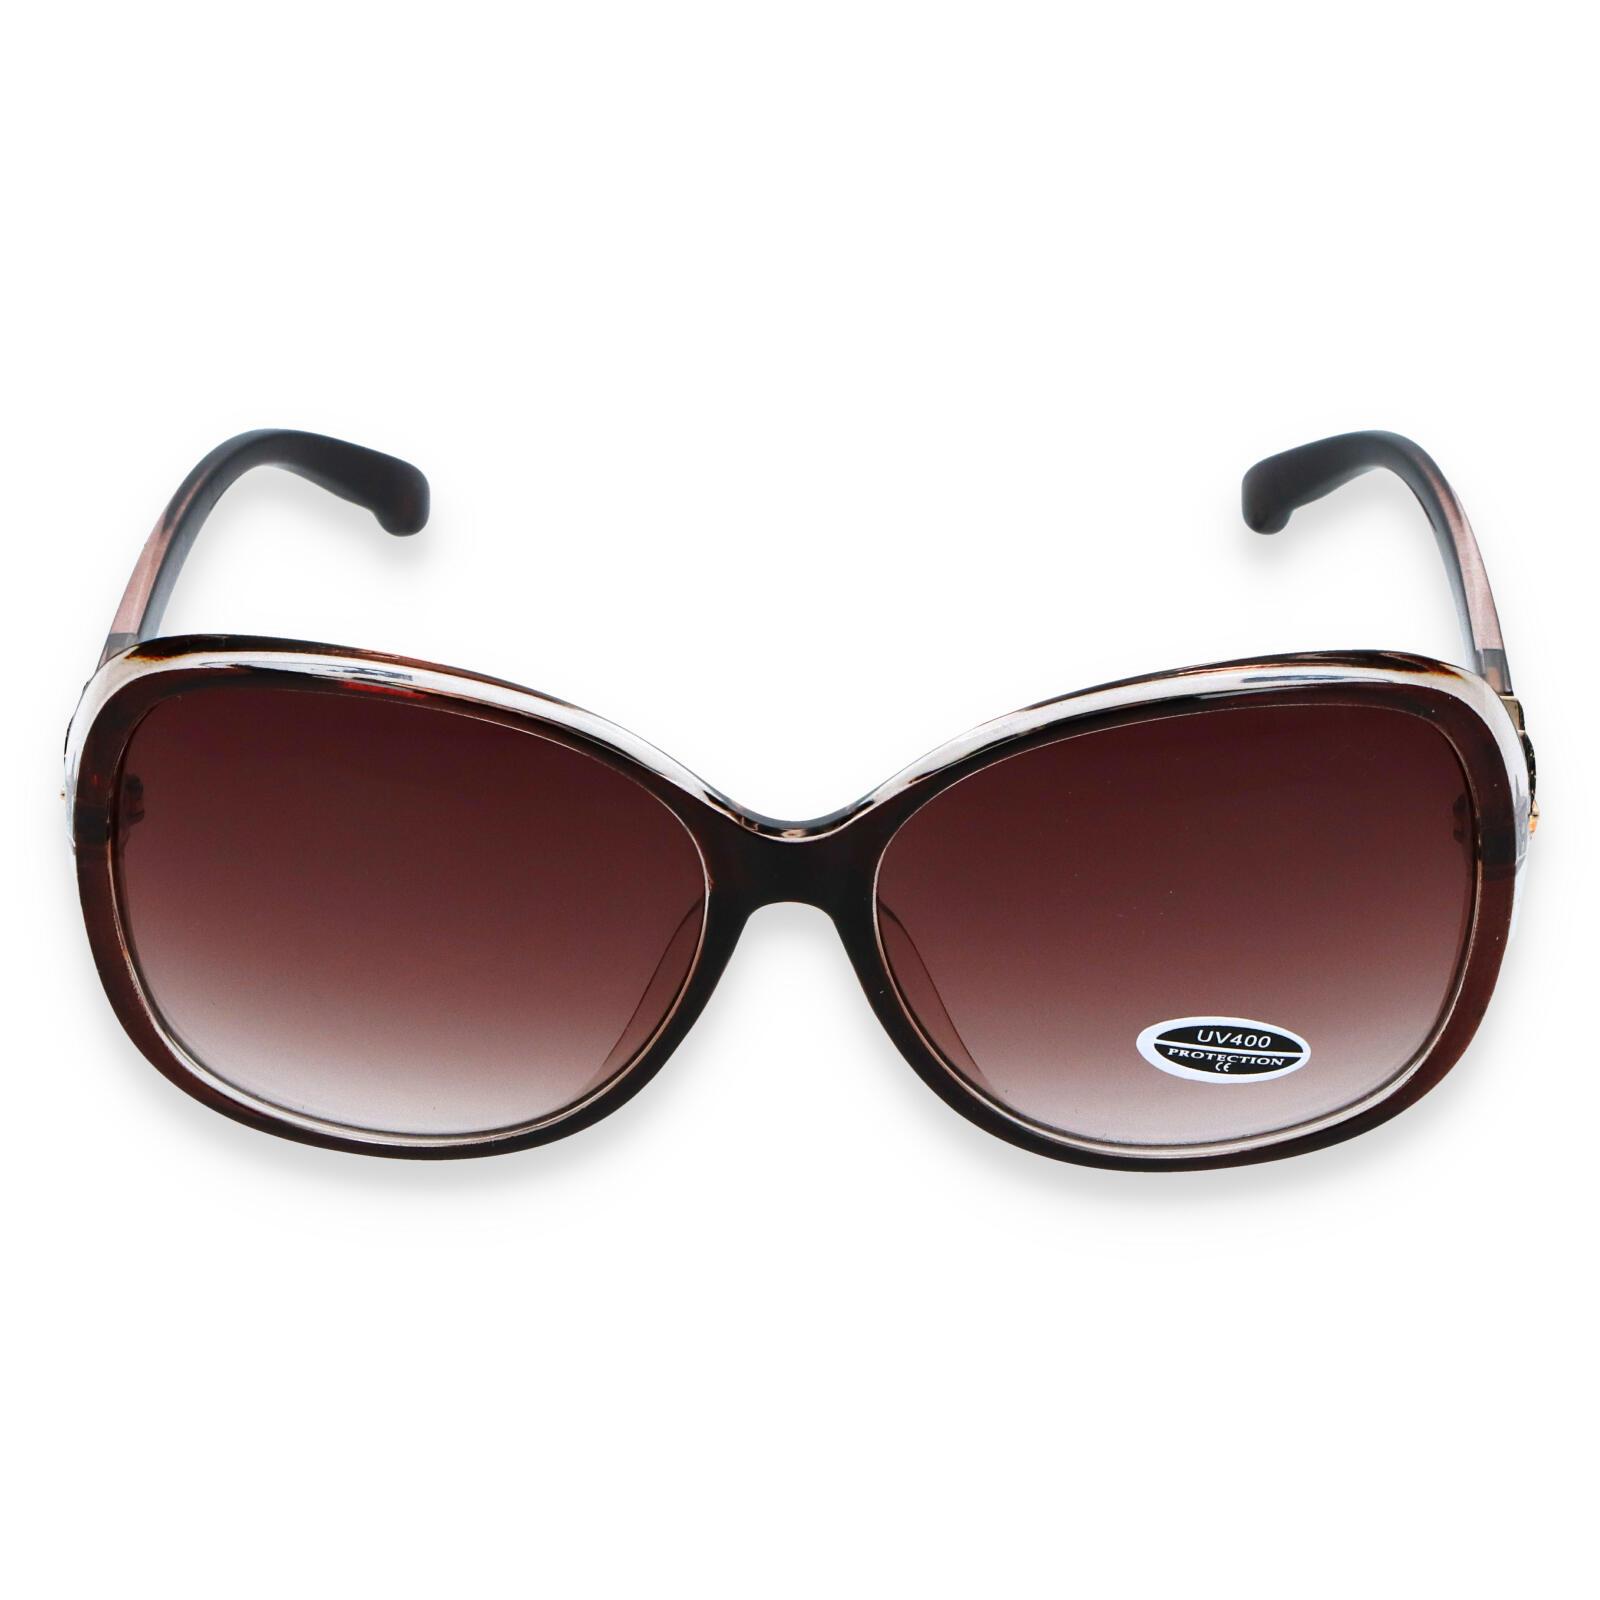 Dámské sluneční brýle tmavě hnědé - S3013